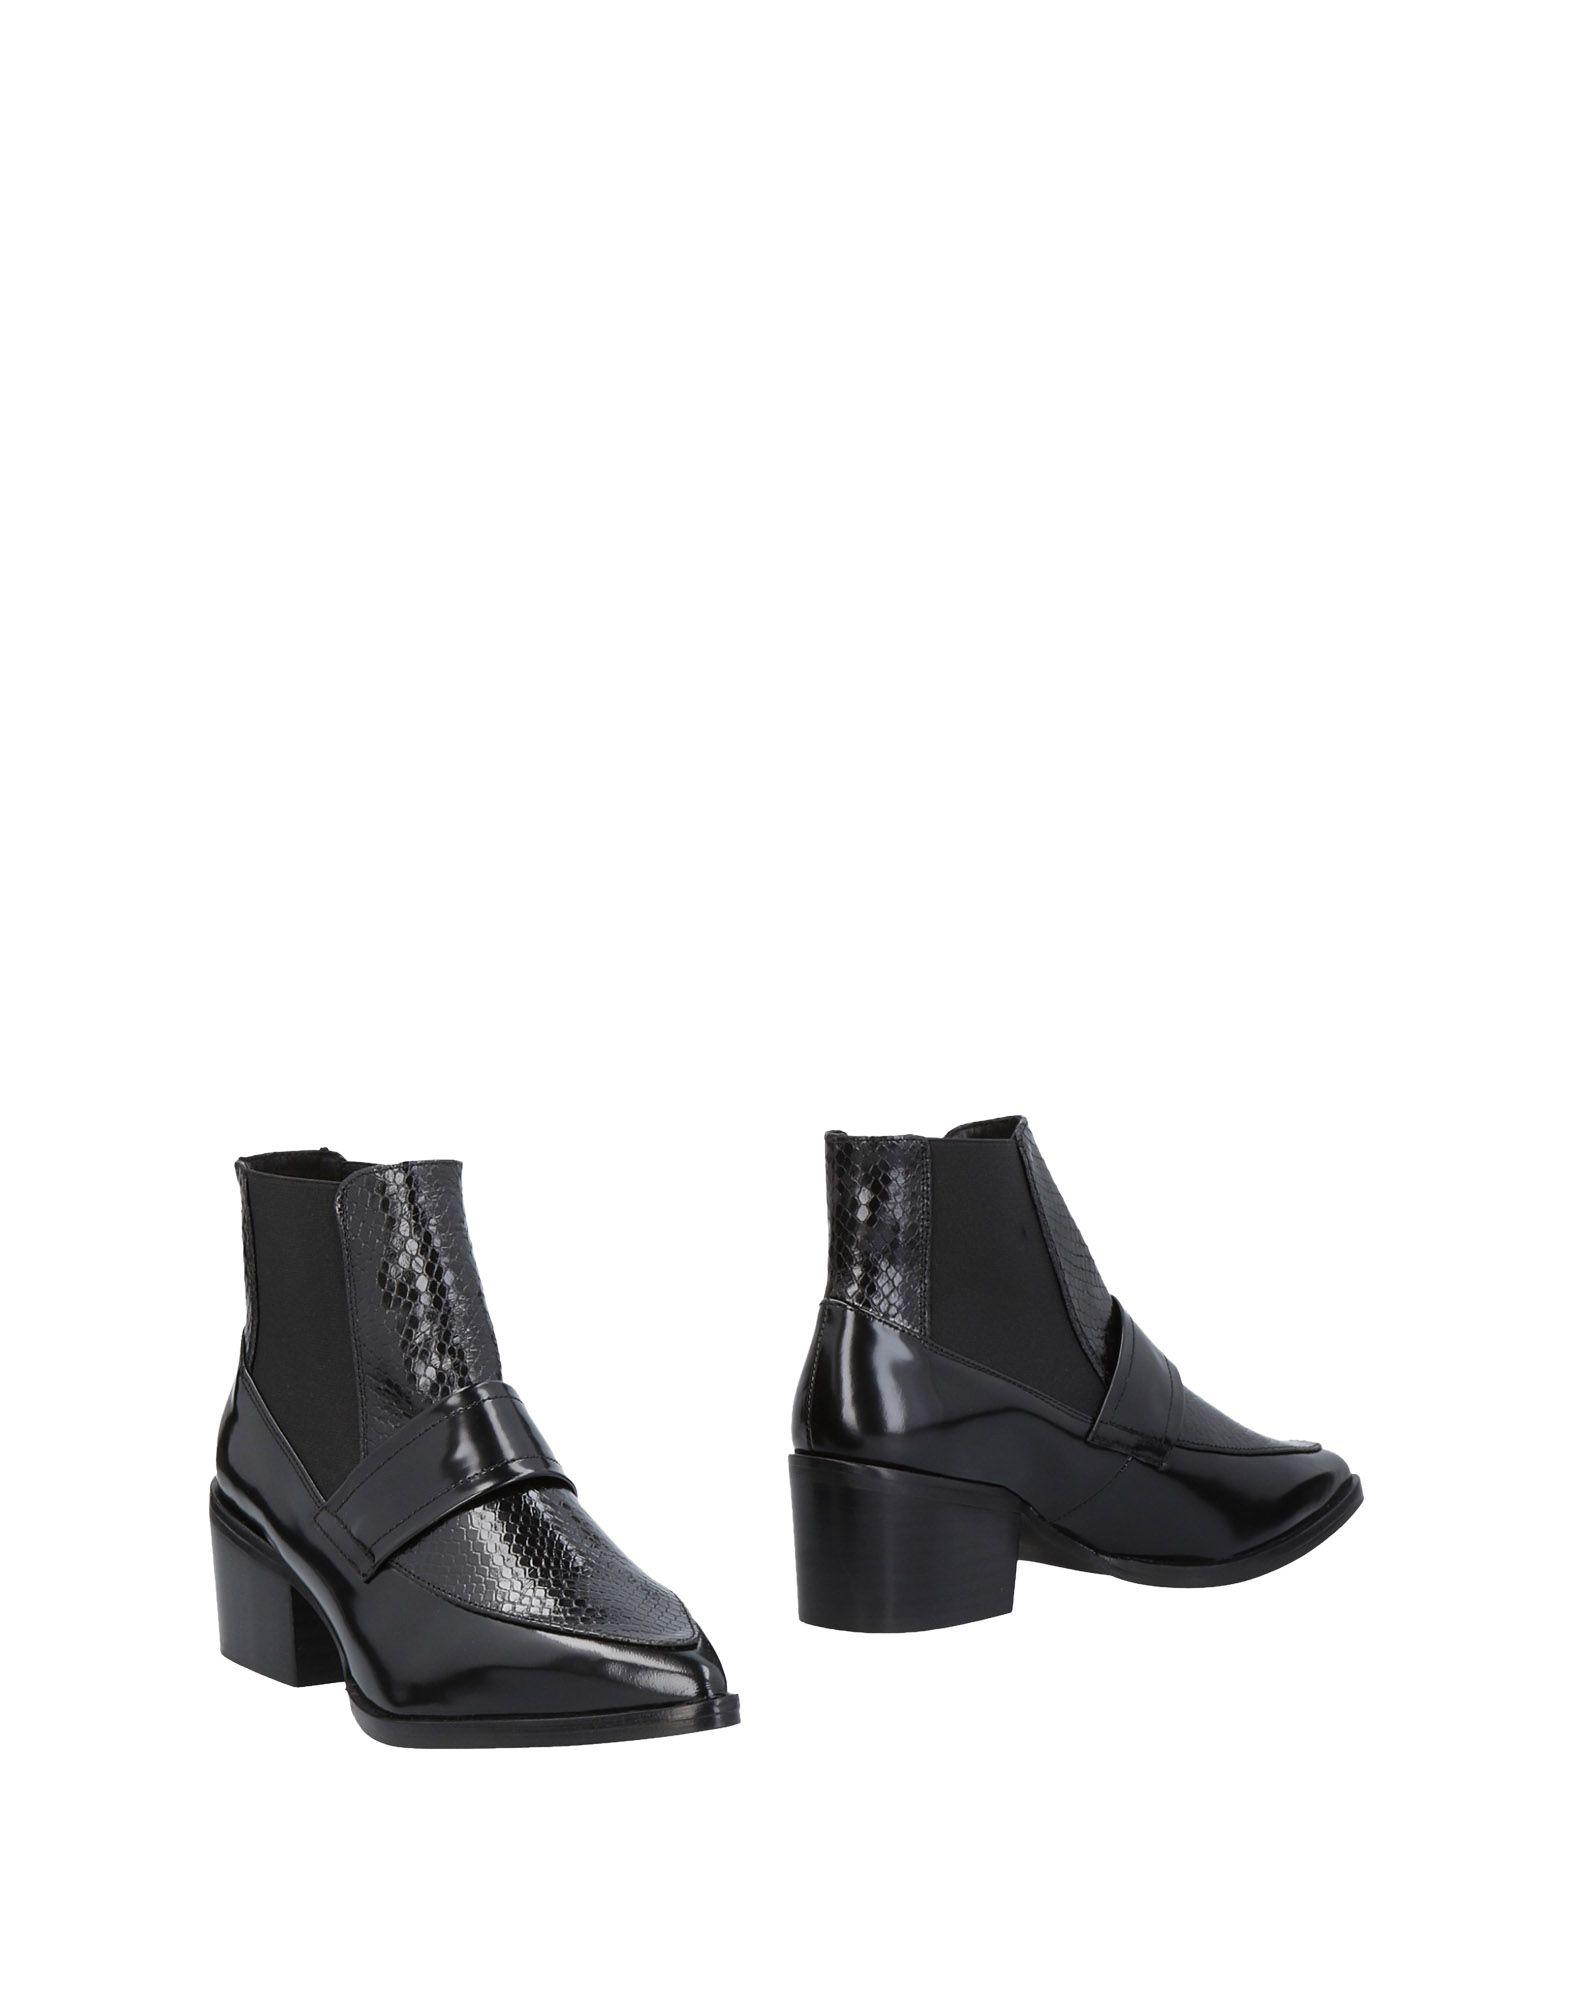 Stiù Stiefelette Damen  11461417CK Gute Qualität beliebte Schuhe